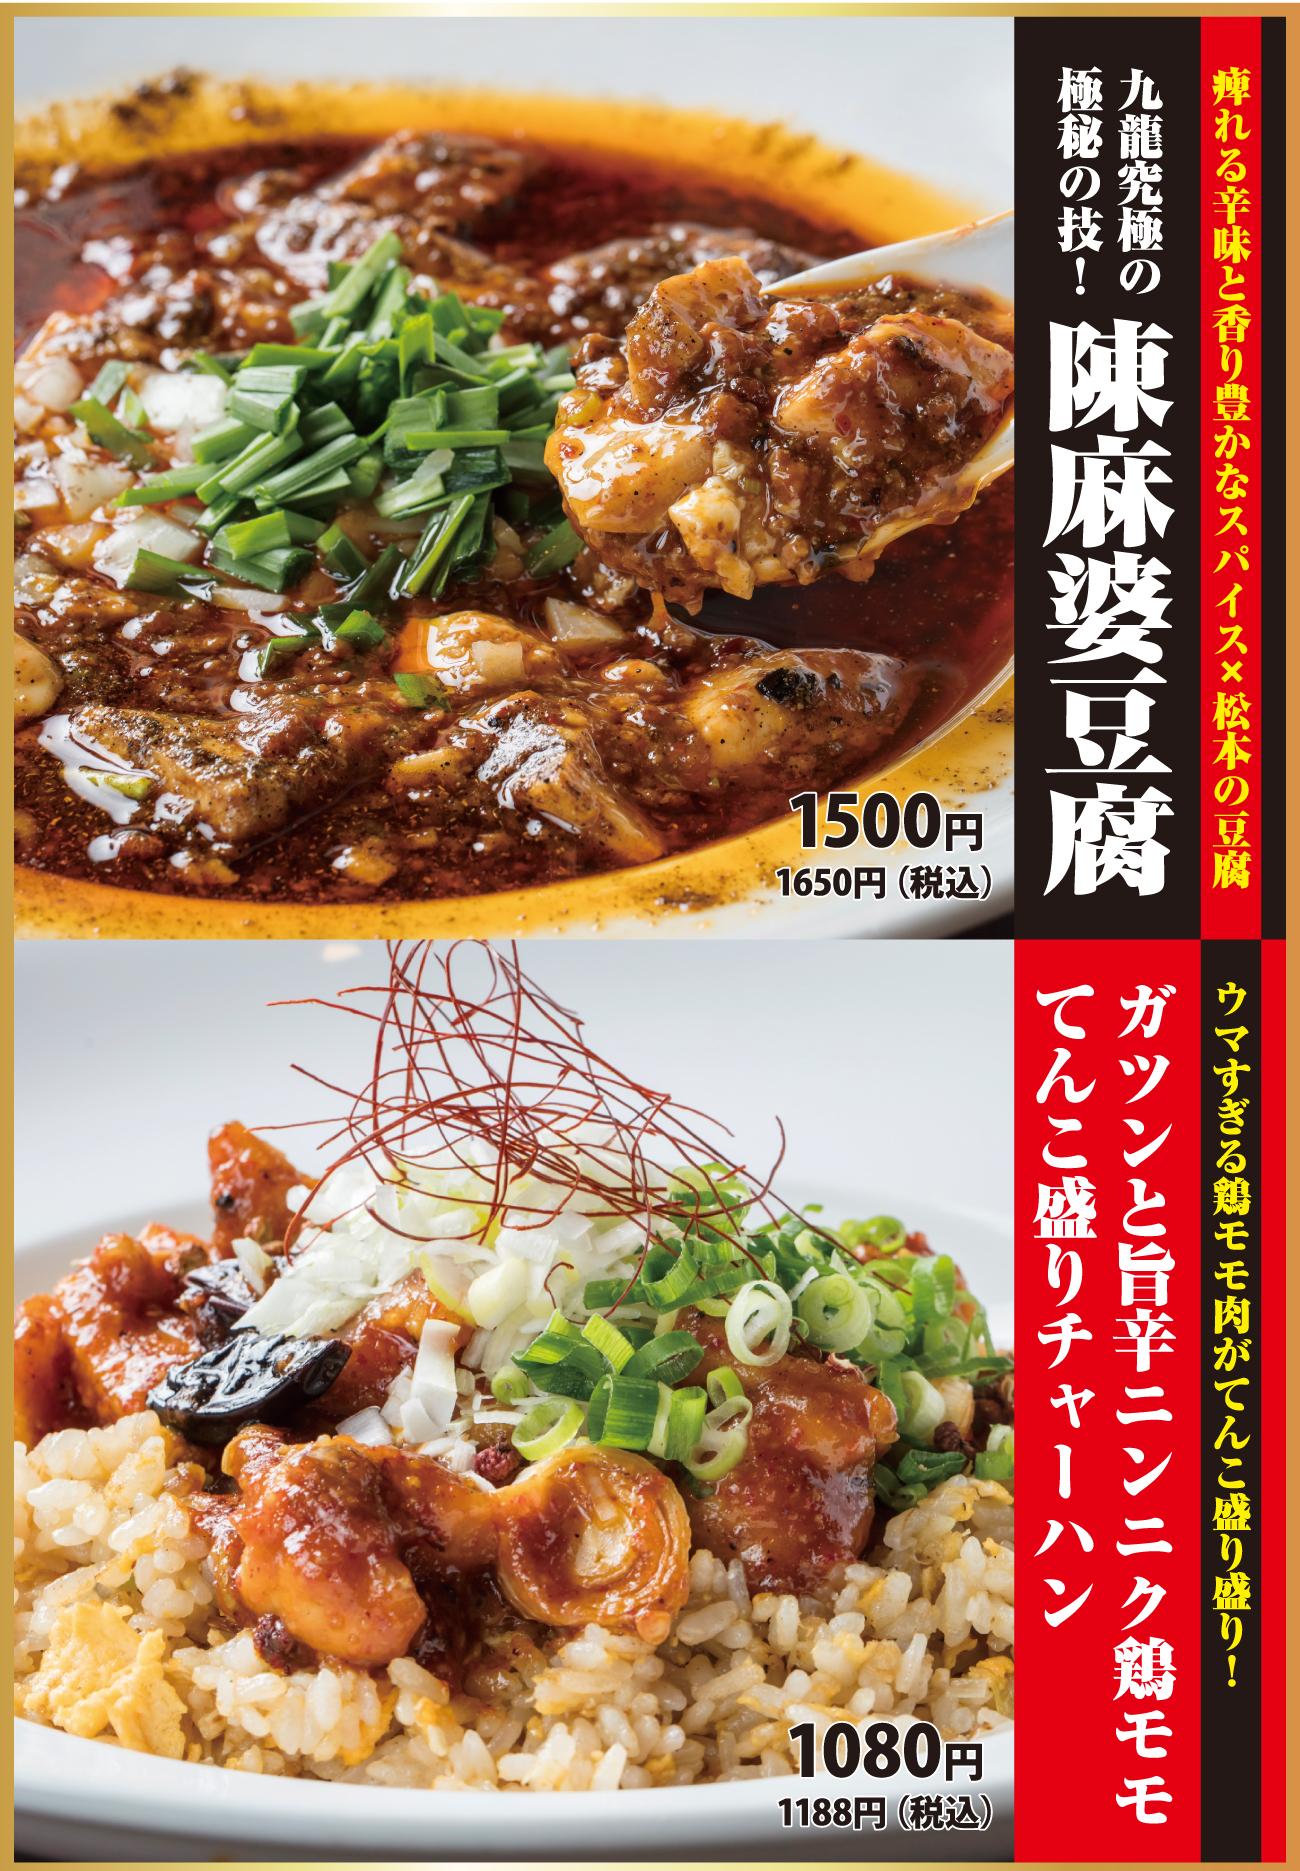 陳麻婆豆腐/旨辛ニンニク鶏モモてんこ盛りチャーハン